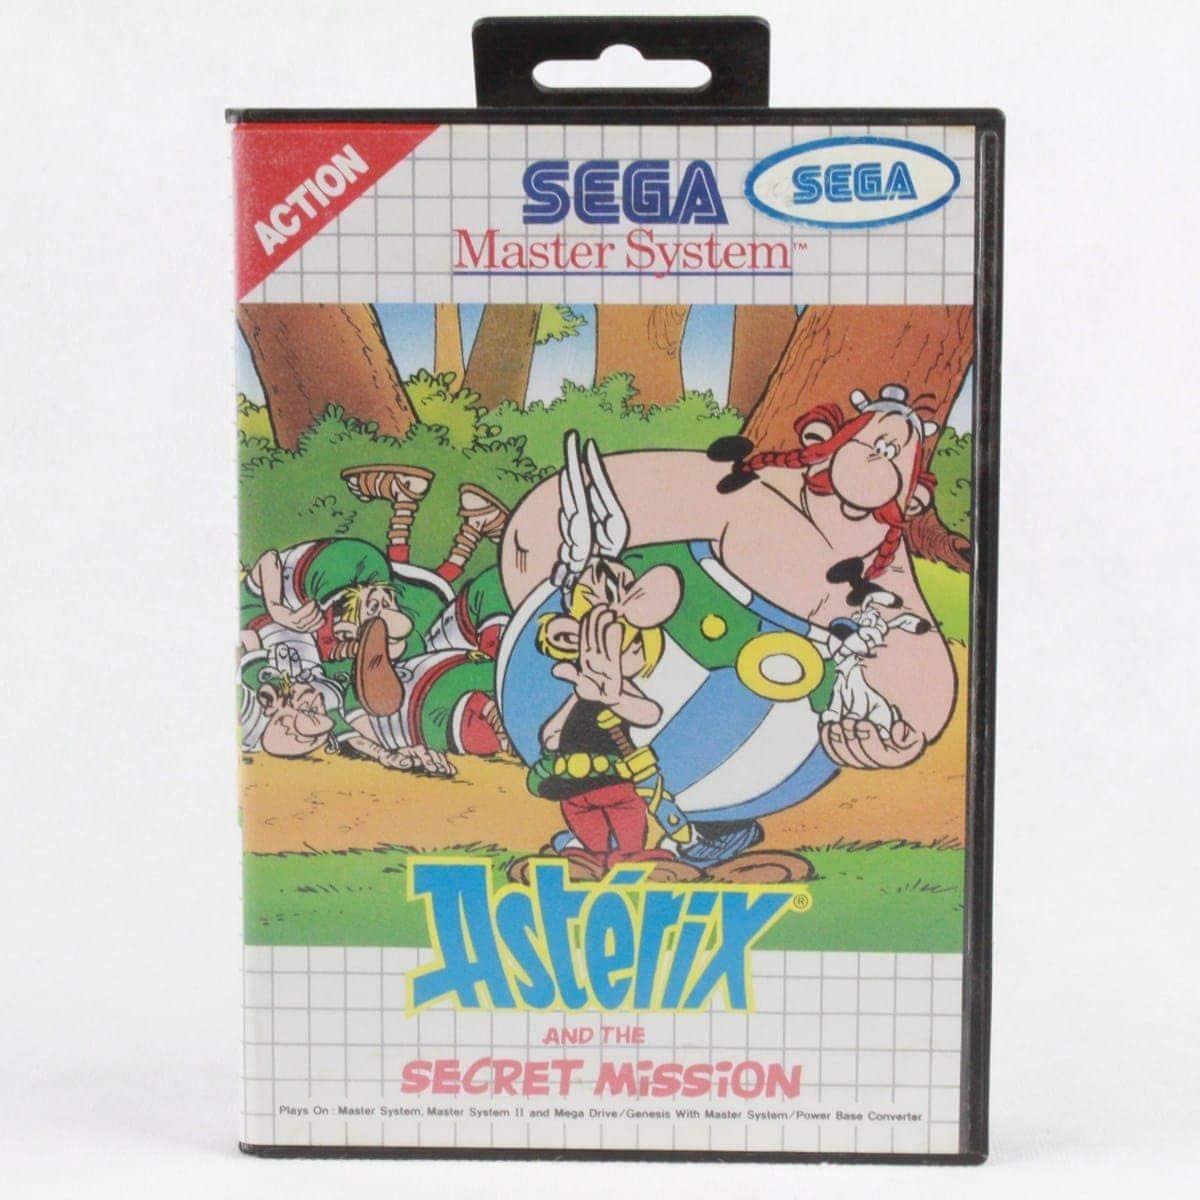 Astérix and the Secret Mission (SEGA Master System)